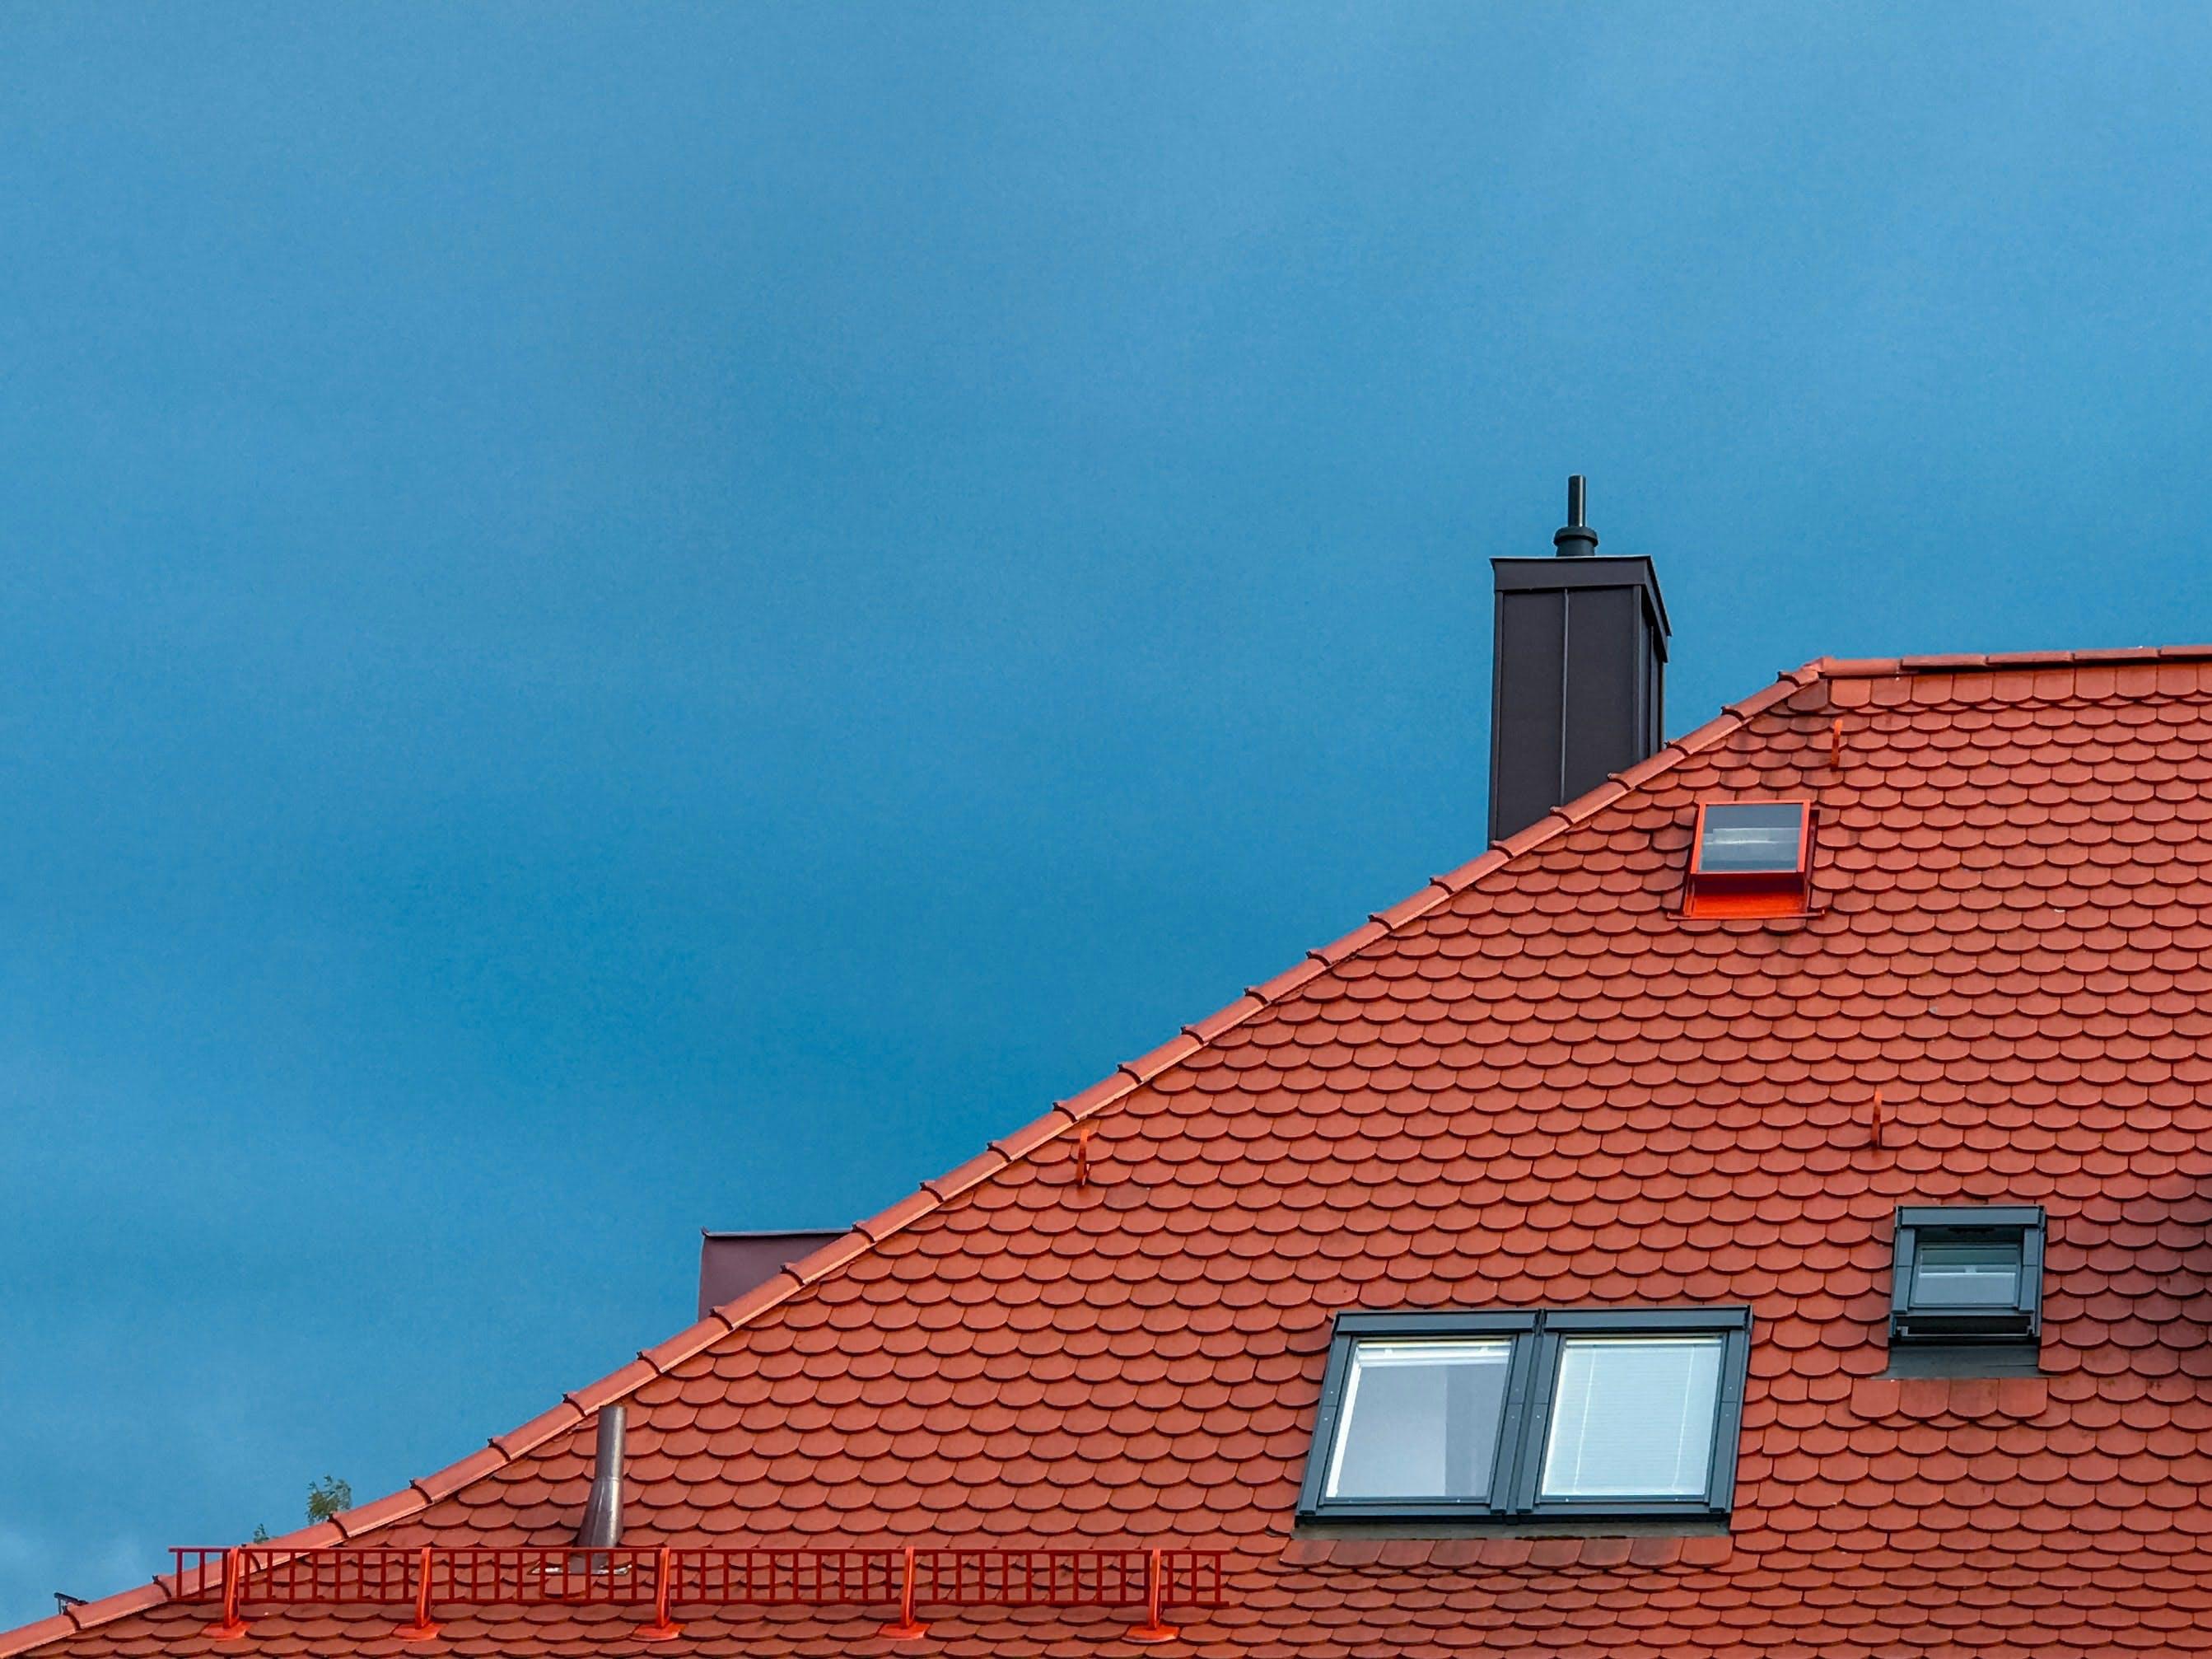 Quel est le meilleur type de toiture ? - By Jan Antonin Kolar on Unsplash